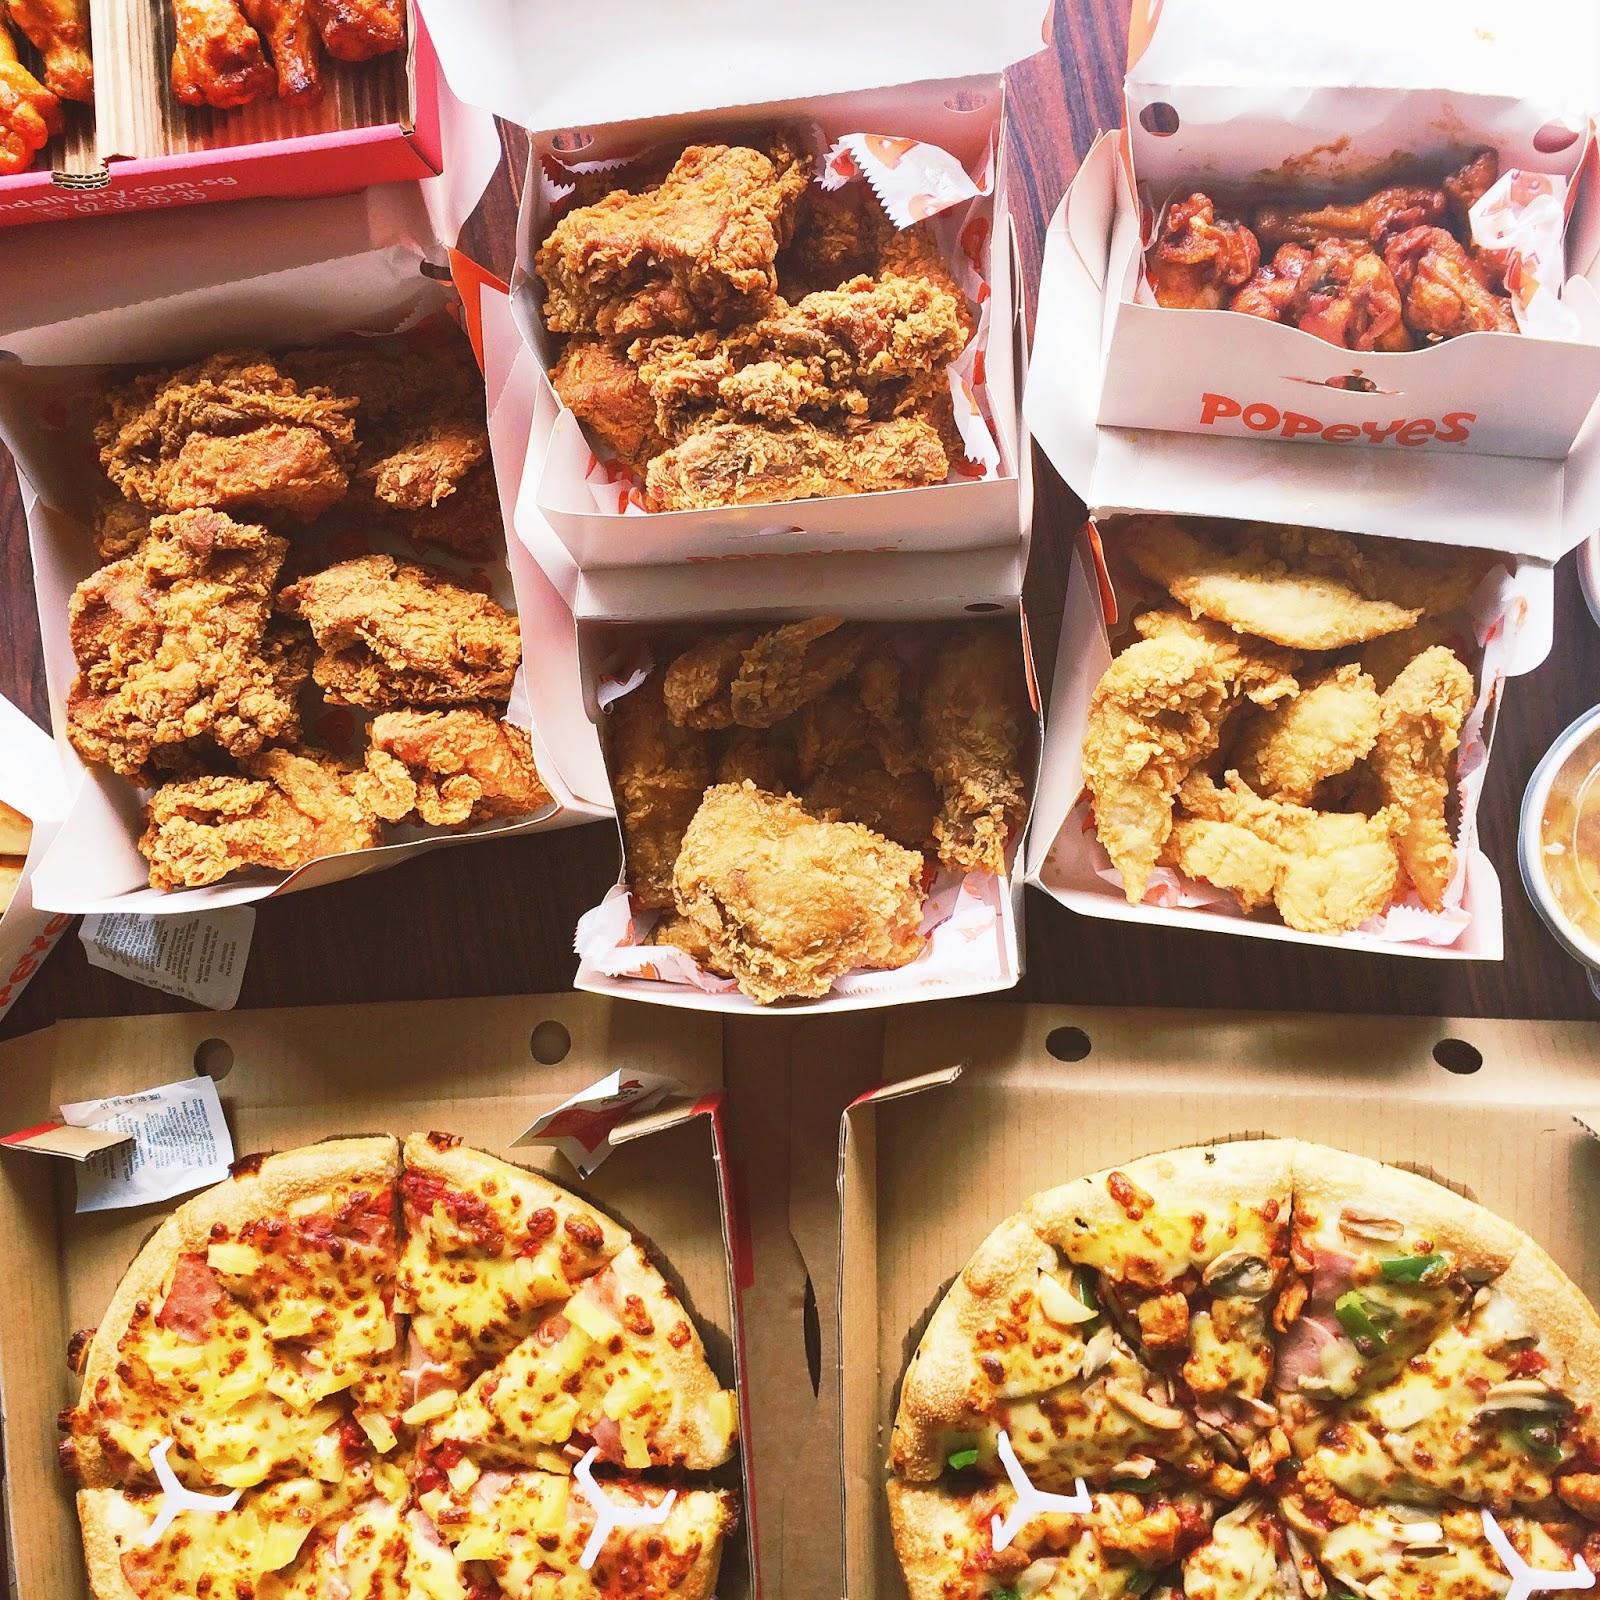 Popeyes chicken, pizza, pizzahut, feast